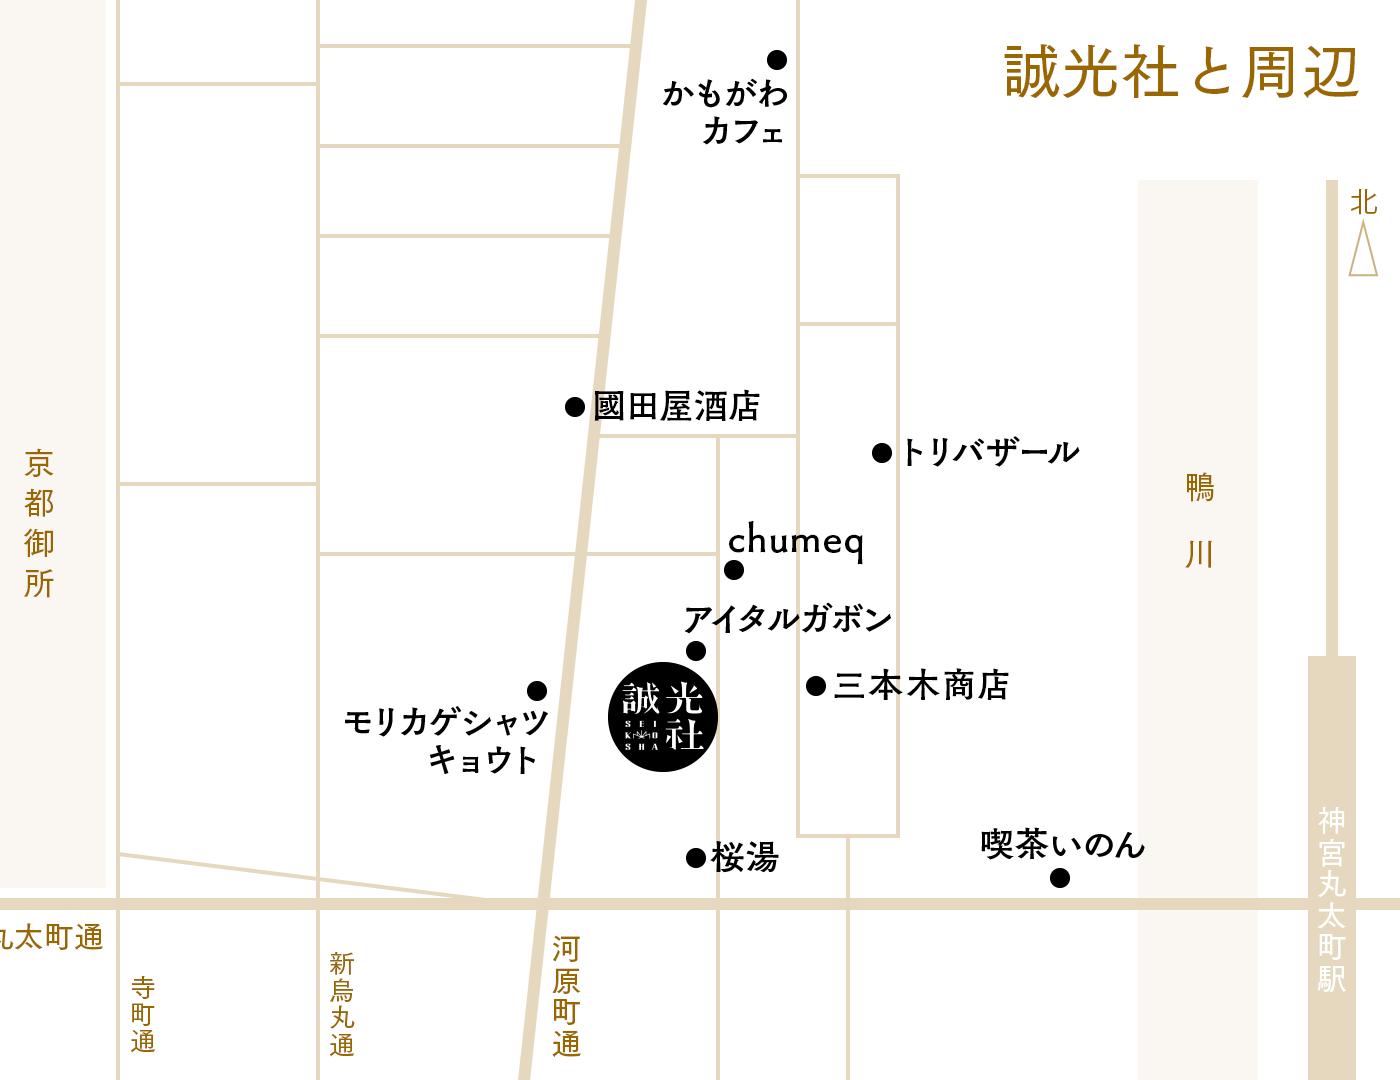 誠光社と周辺